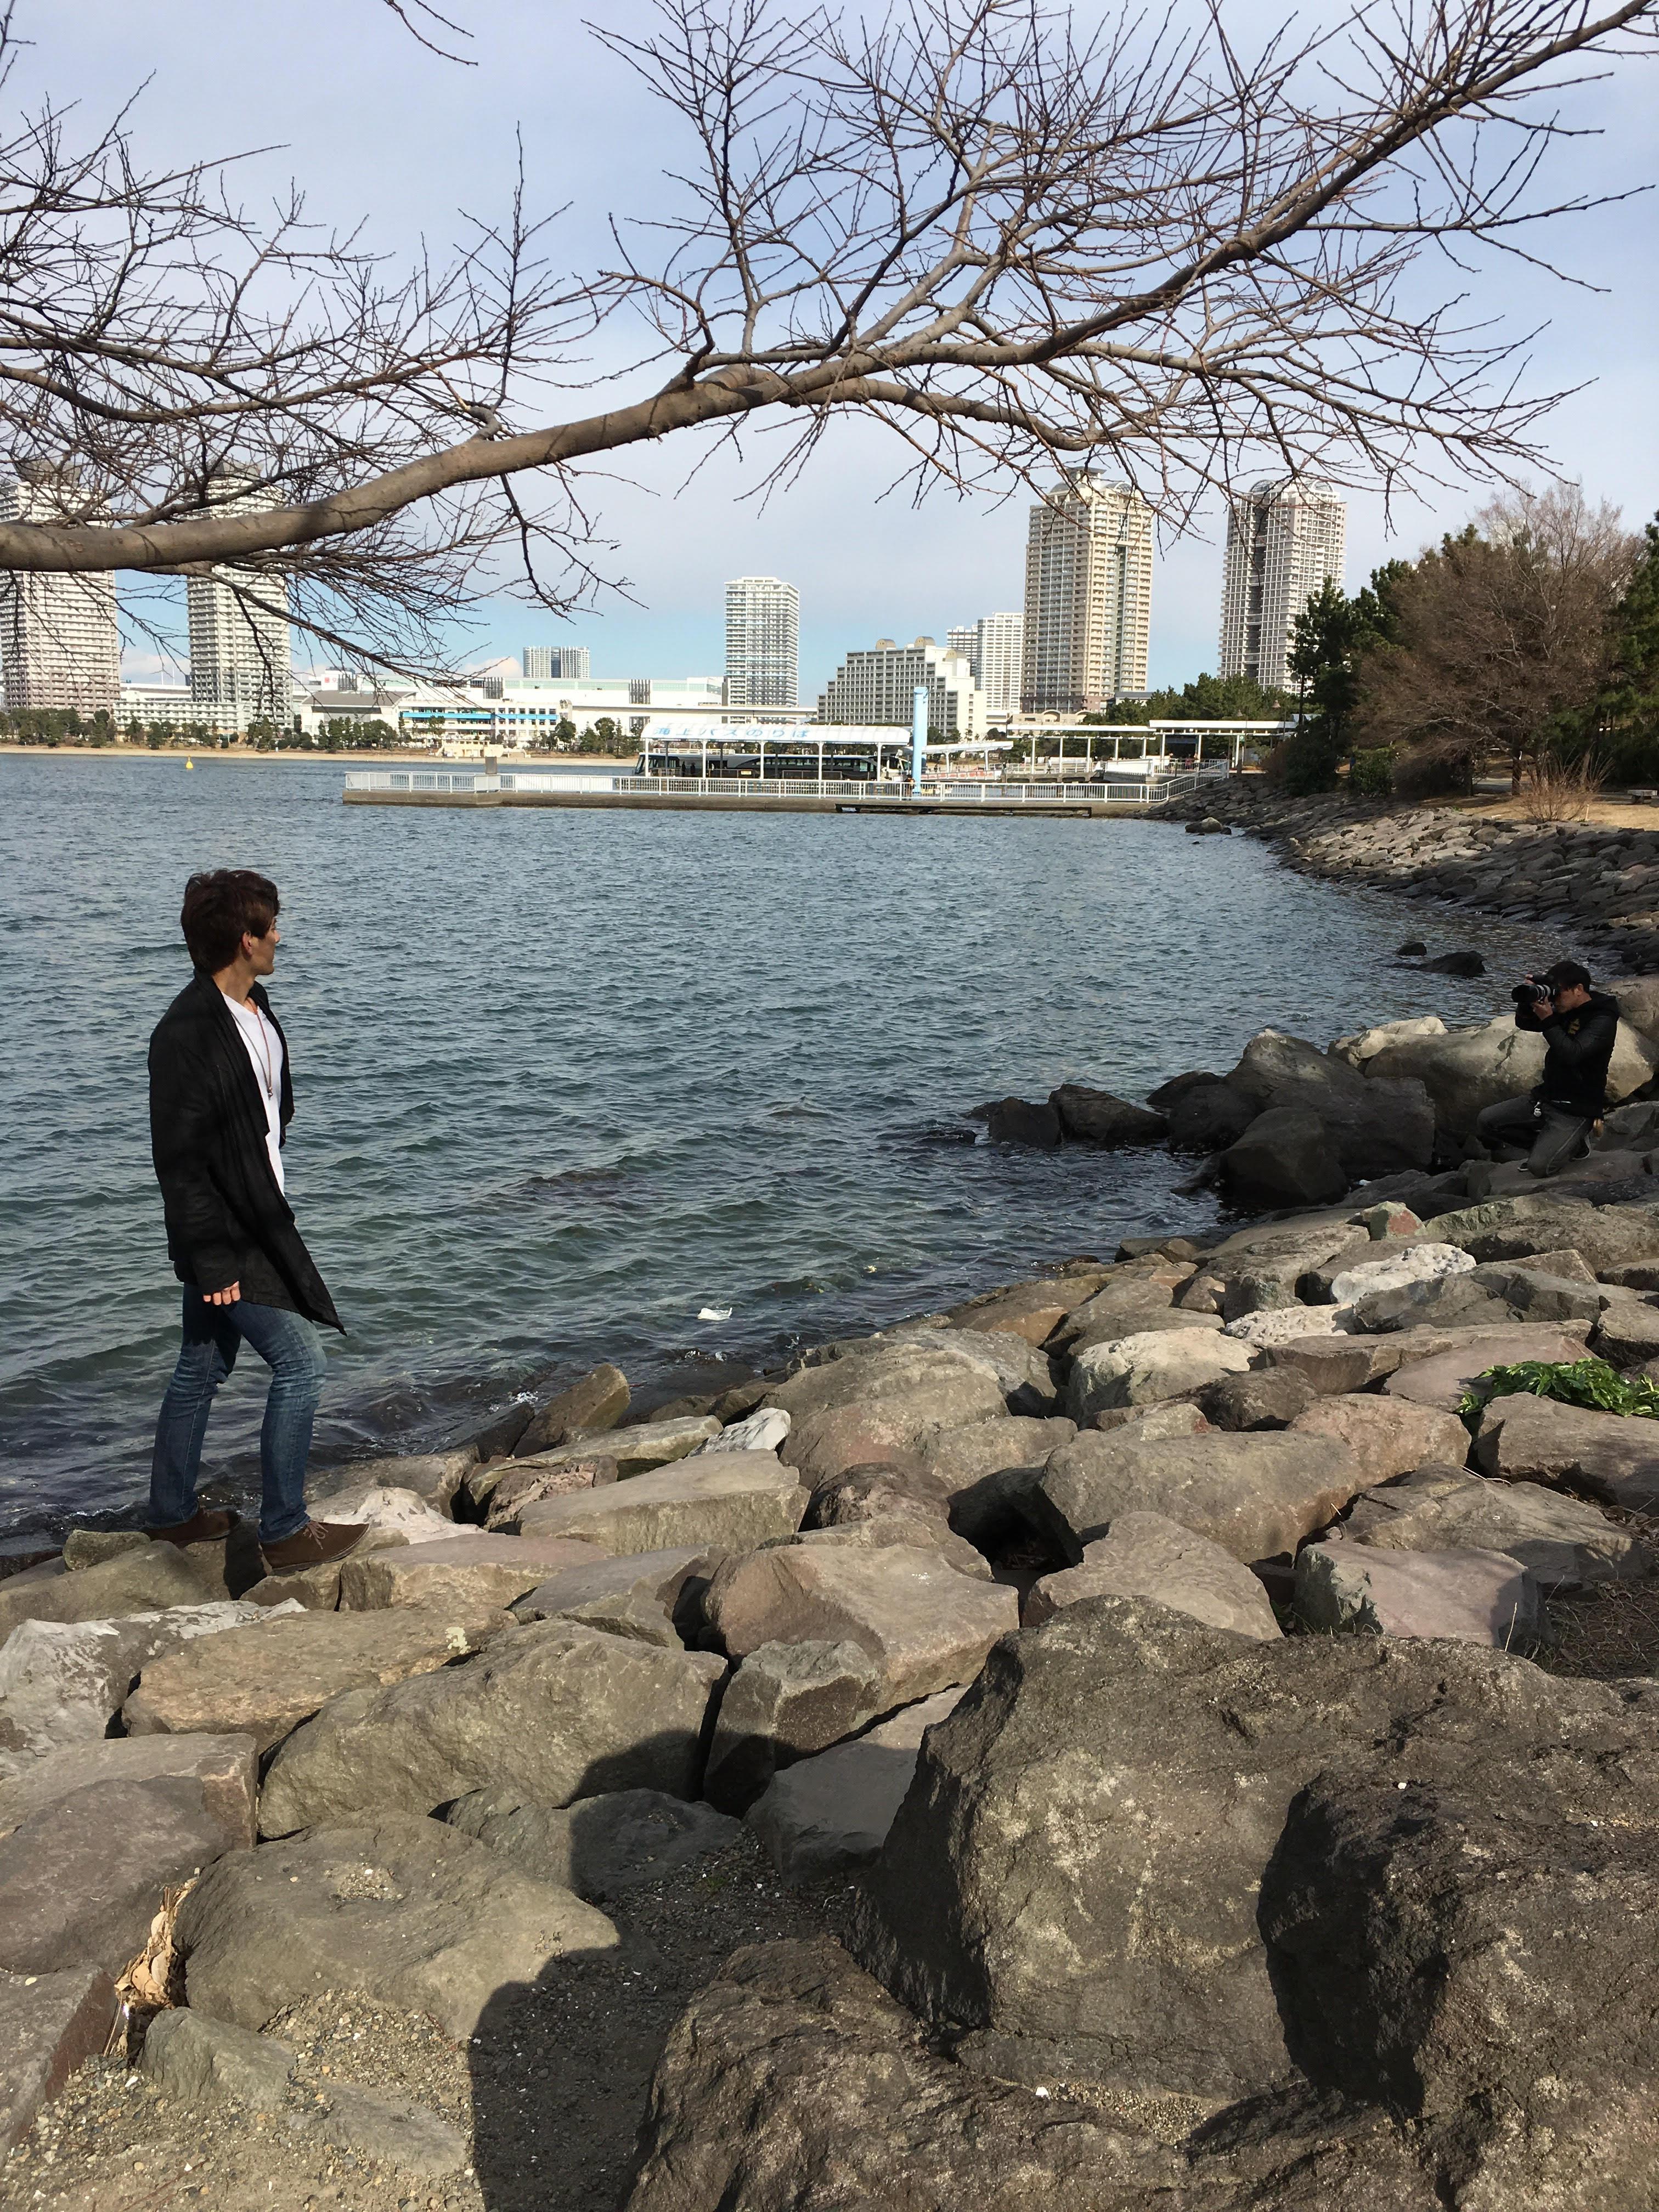 役者 佐々木崇さんのブロマイド撮影